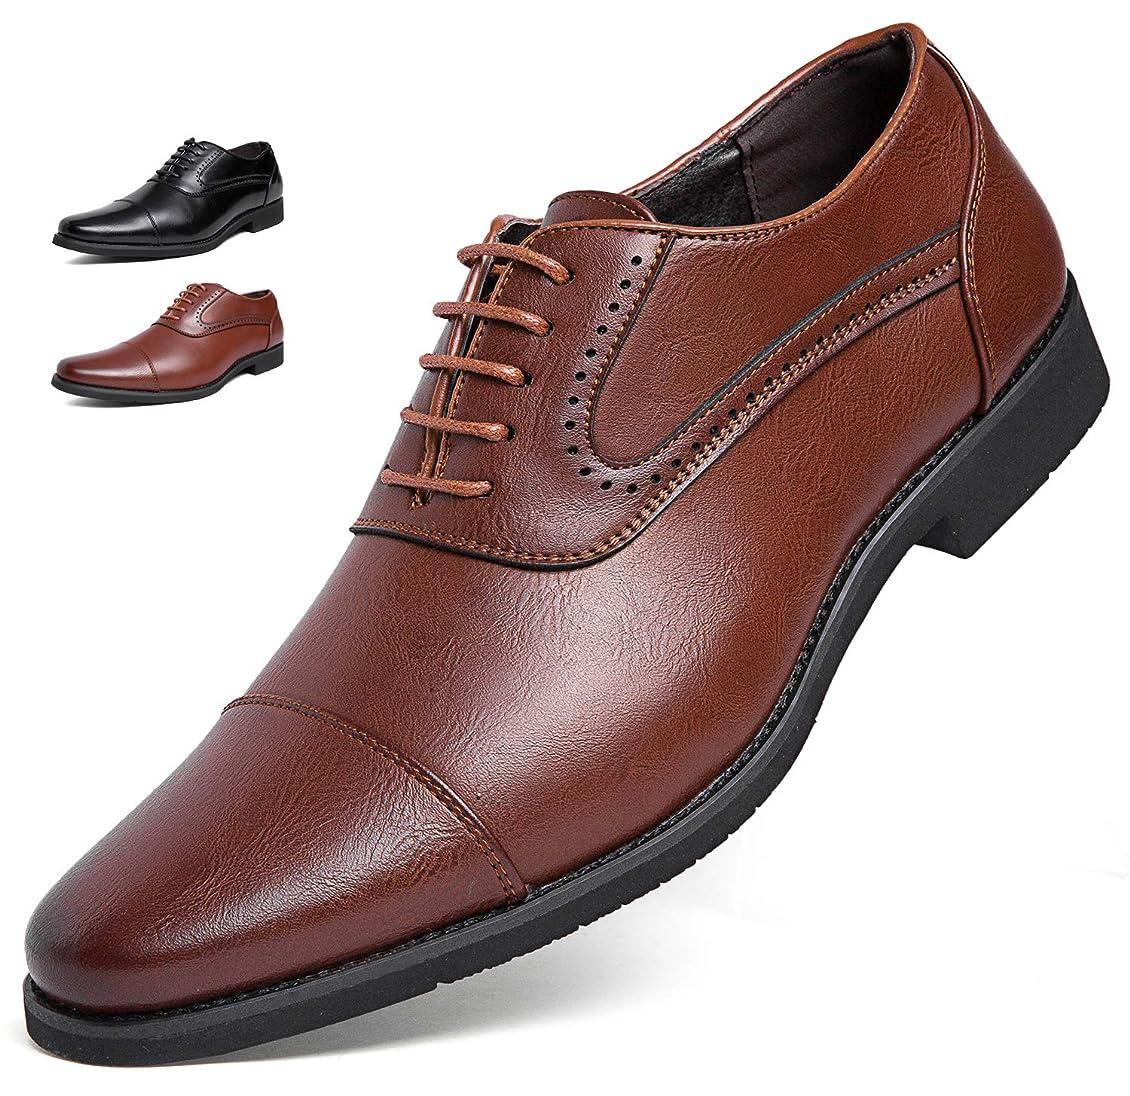 標高おとなしい苦しみ[リーガル] メンズ 靴 ストレートチップ ビジネスシューズ AL 725R